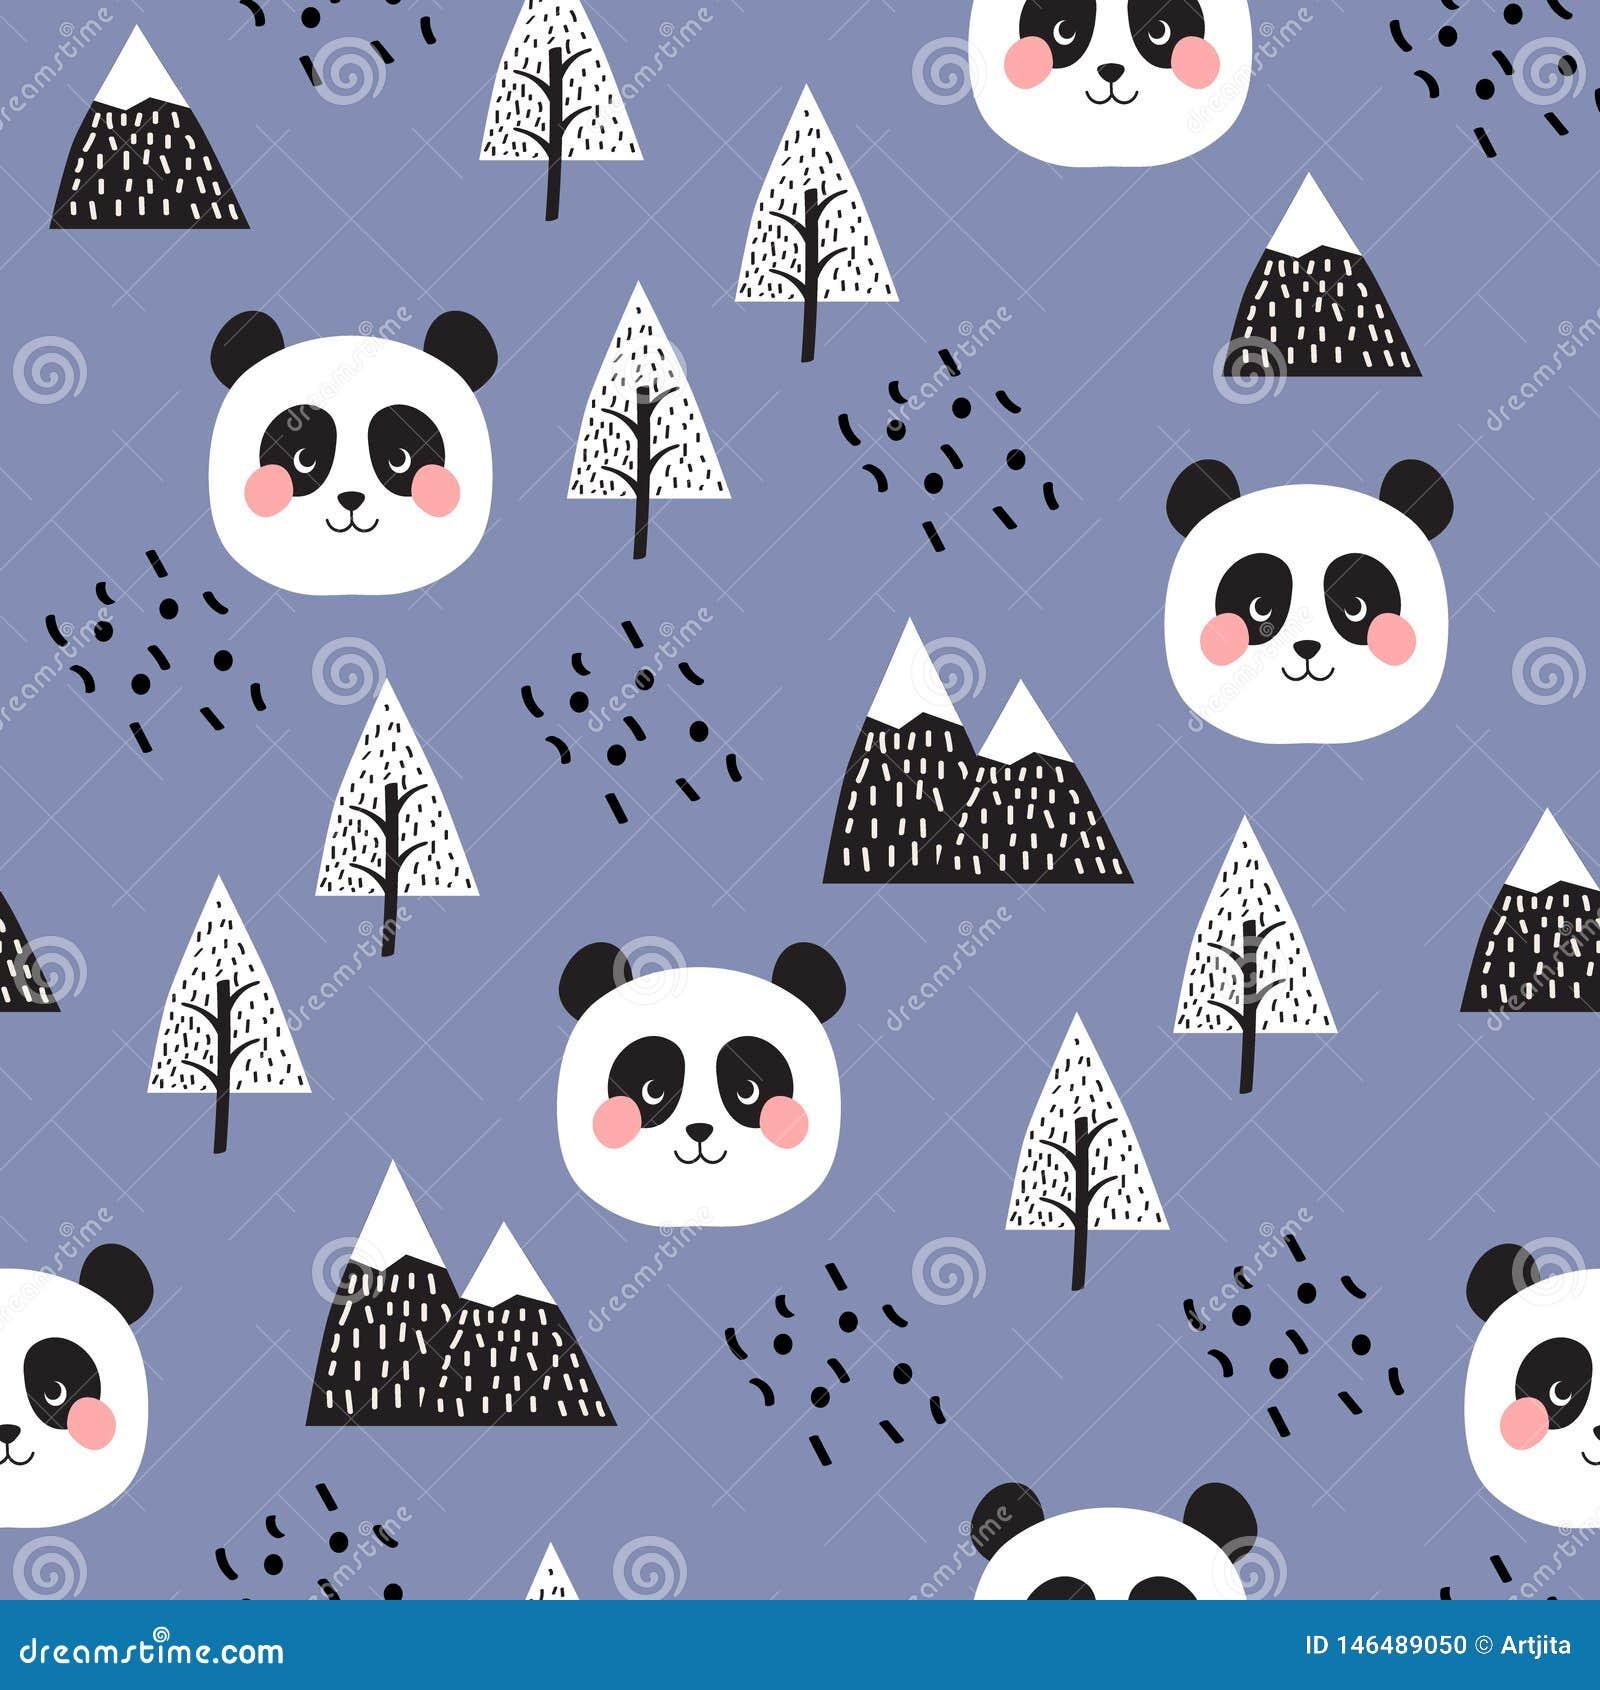 Panda Seamless Pattern Background